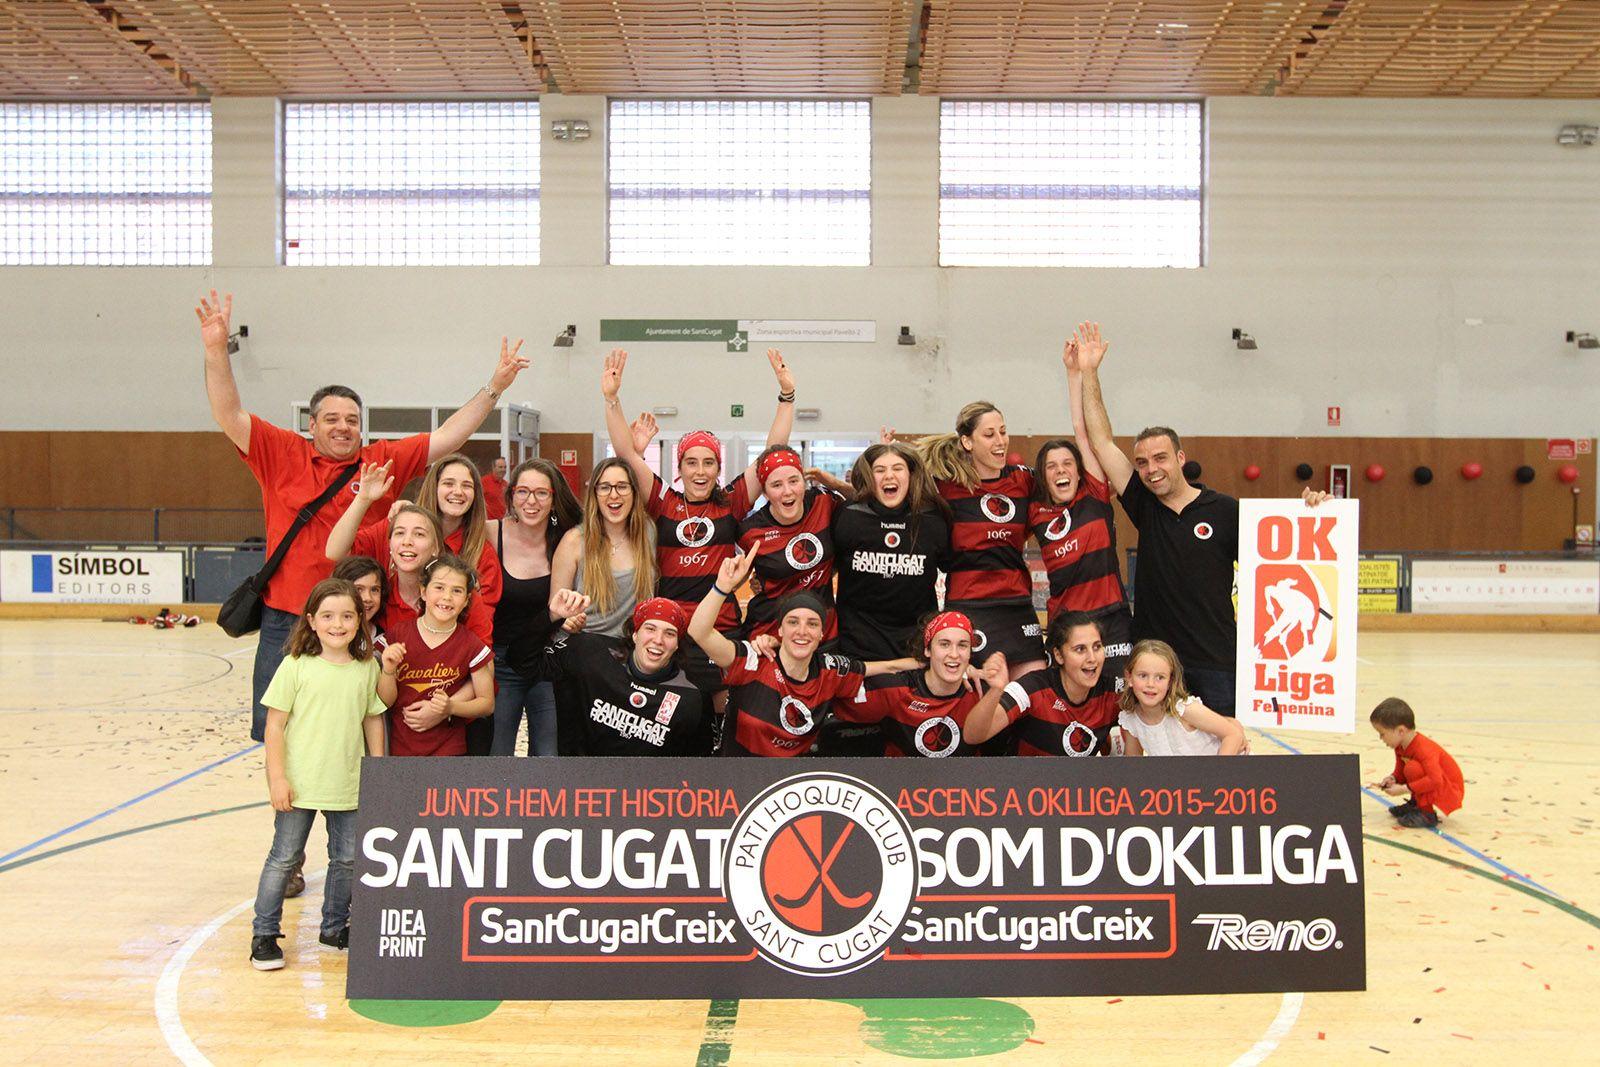 El PHC Sant Cugat, nou equip d'OK Lliga Femenina FOTO: Haidy Blanch